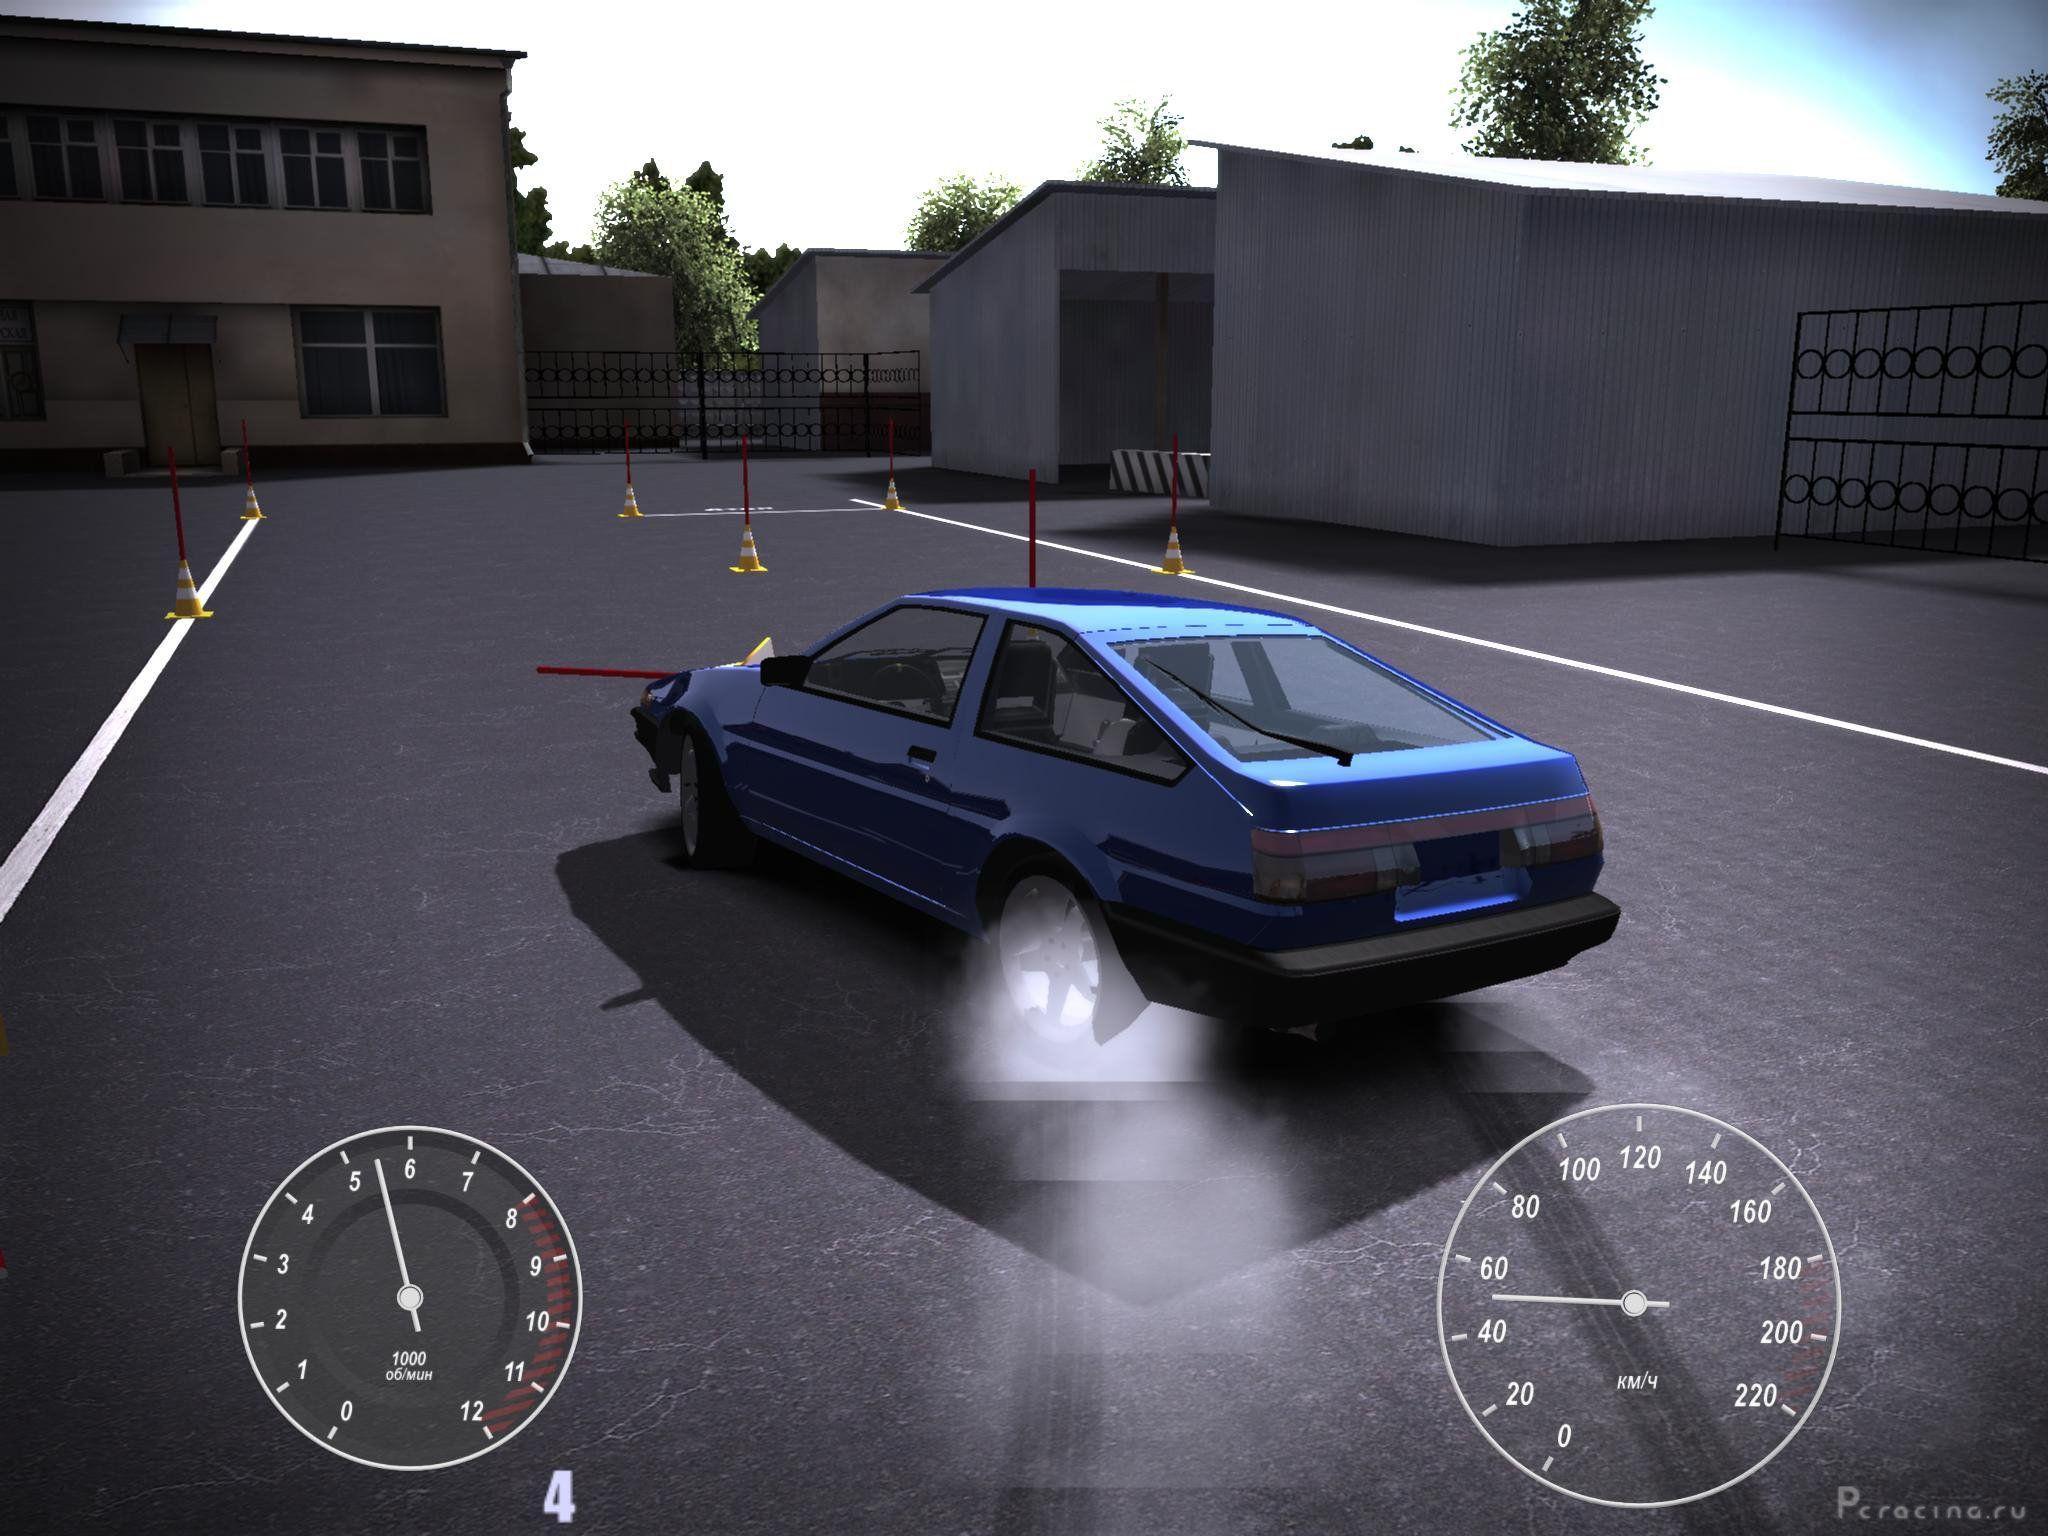 Скачать симулятор вождения русских машин на андроид